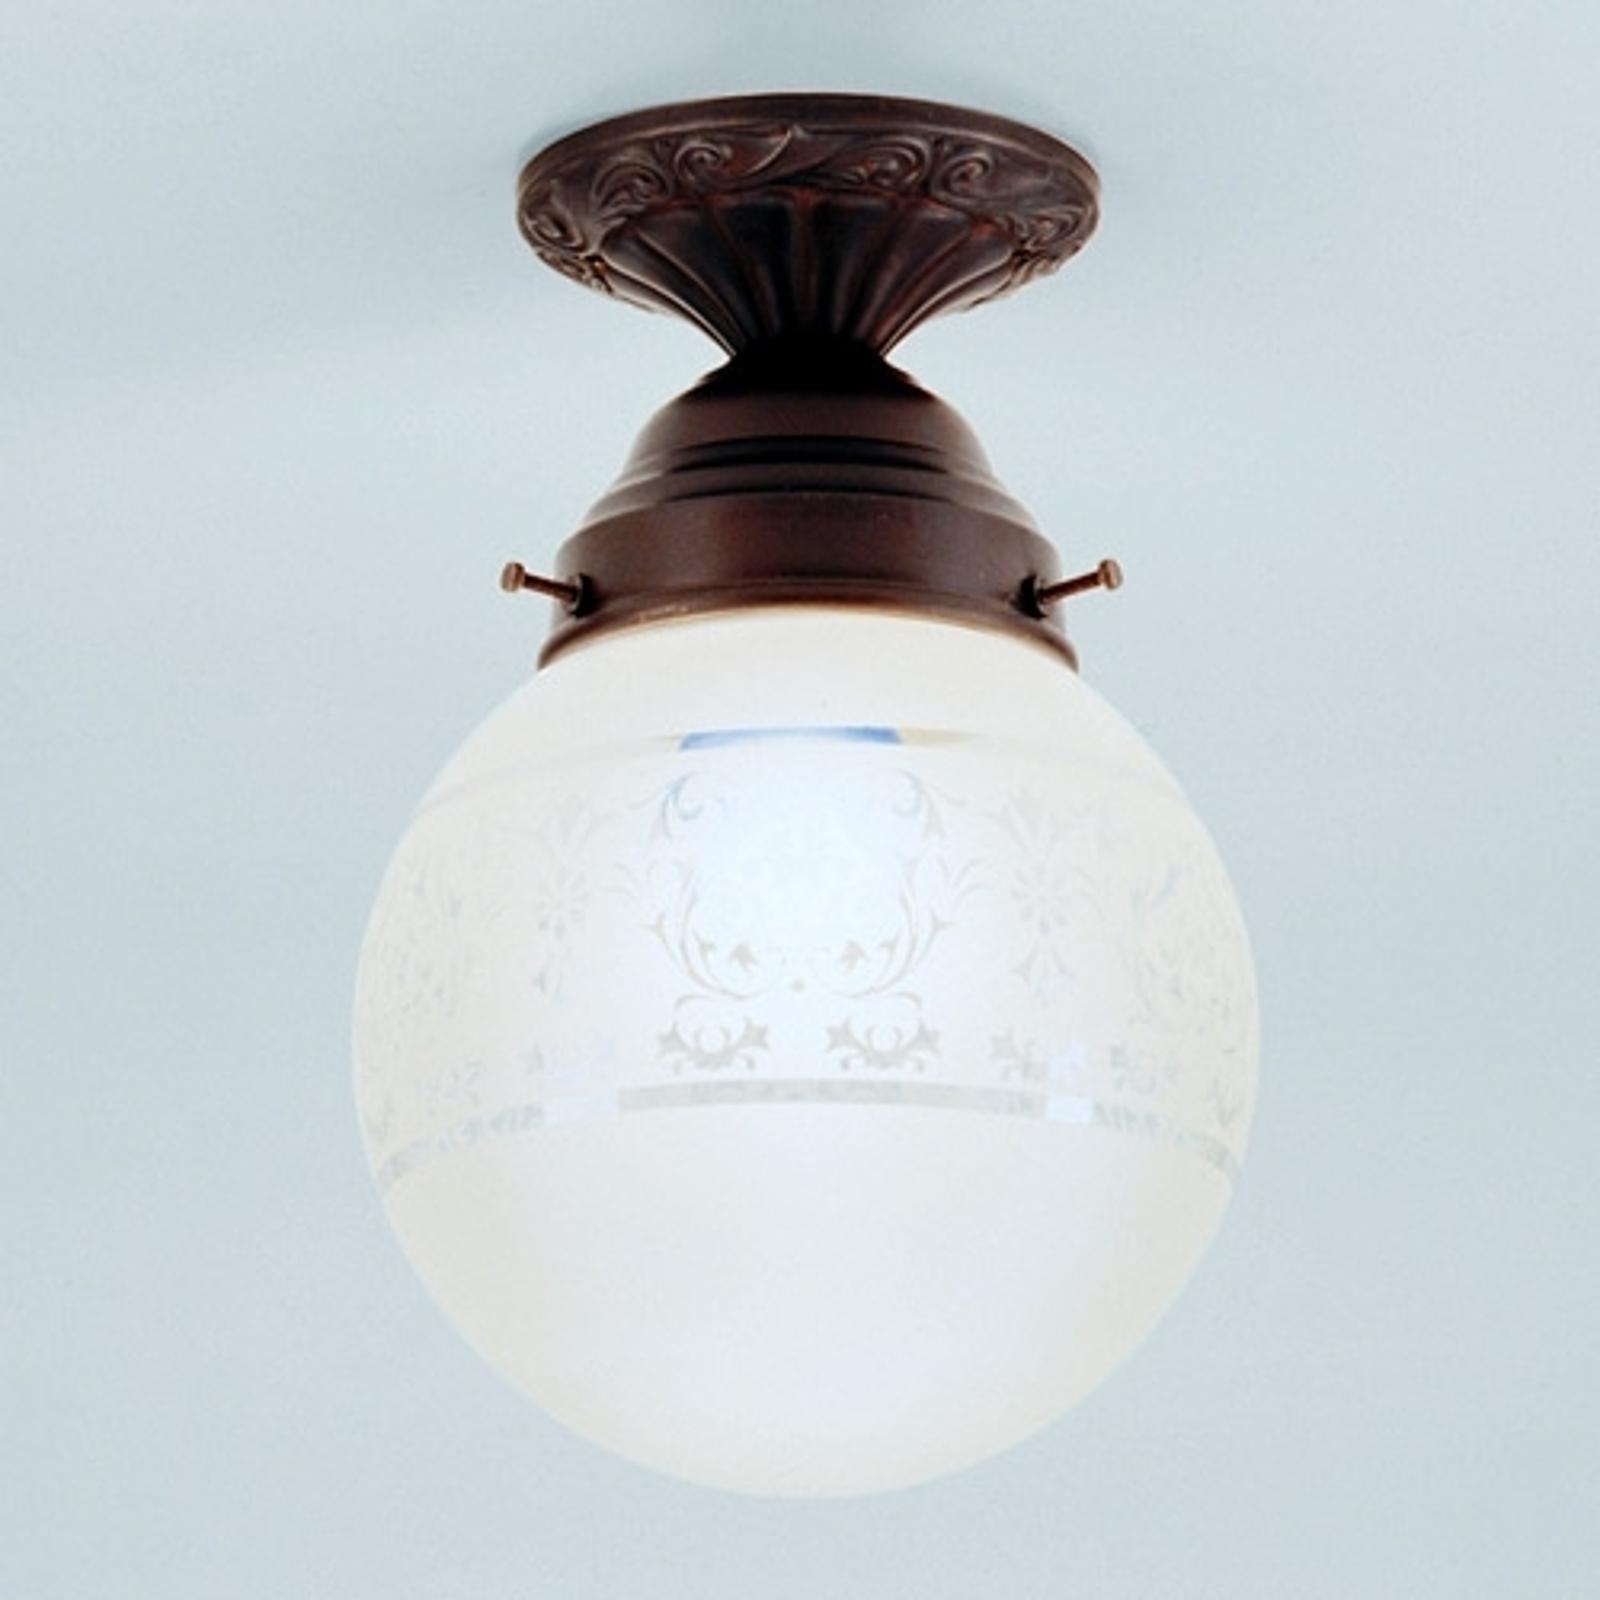 Jack - en taklampa tillverkad i Tyskland